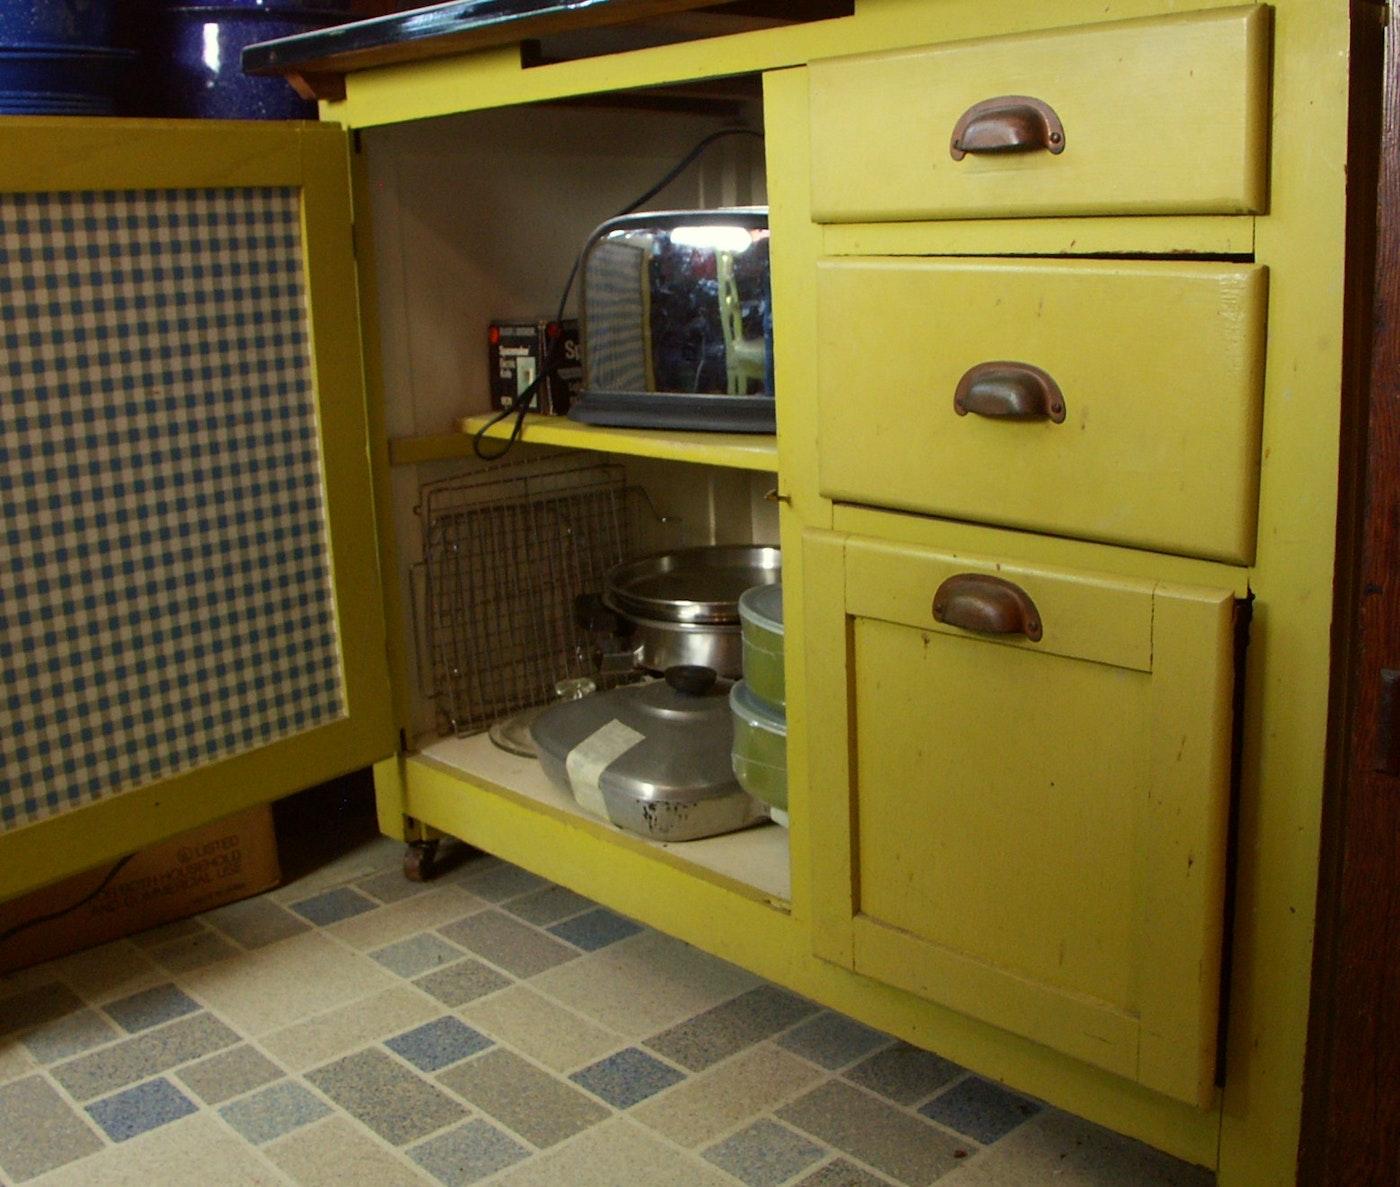 Sale 1950s Kitchen Cabinets: 1950s Kemper 'Hoosier' Style Kitchen Cabinet : EBTH